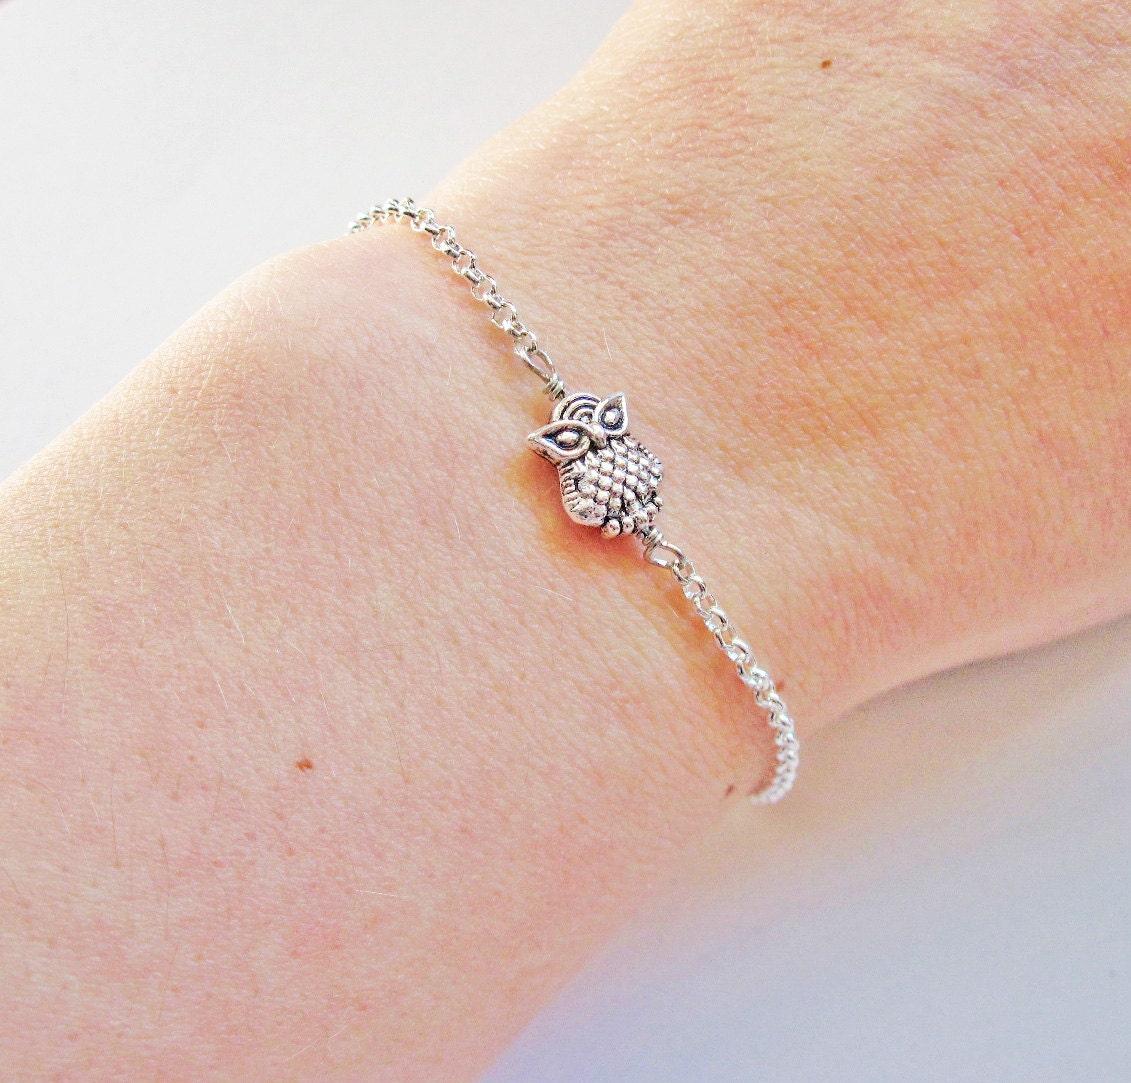 Owl Bracelet, Tiny Owl Bracelet, Owl Jewelry, Silver Owl Bracelet, Cute Owl